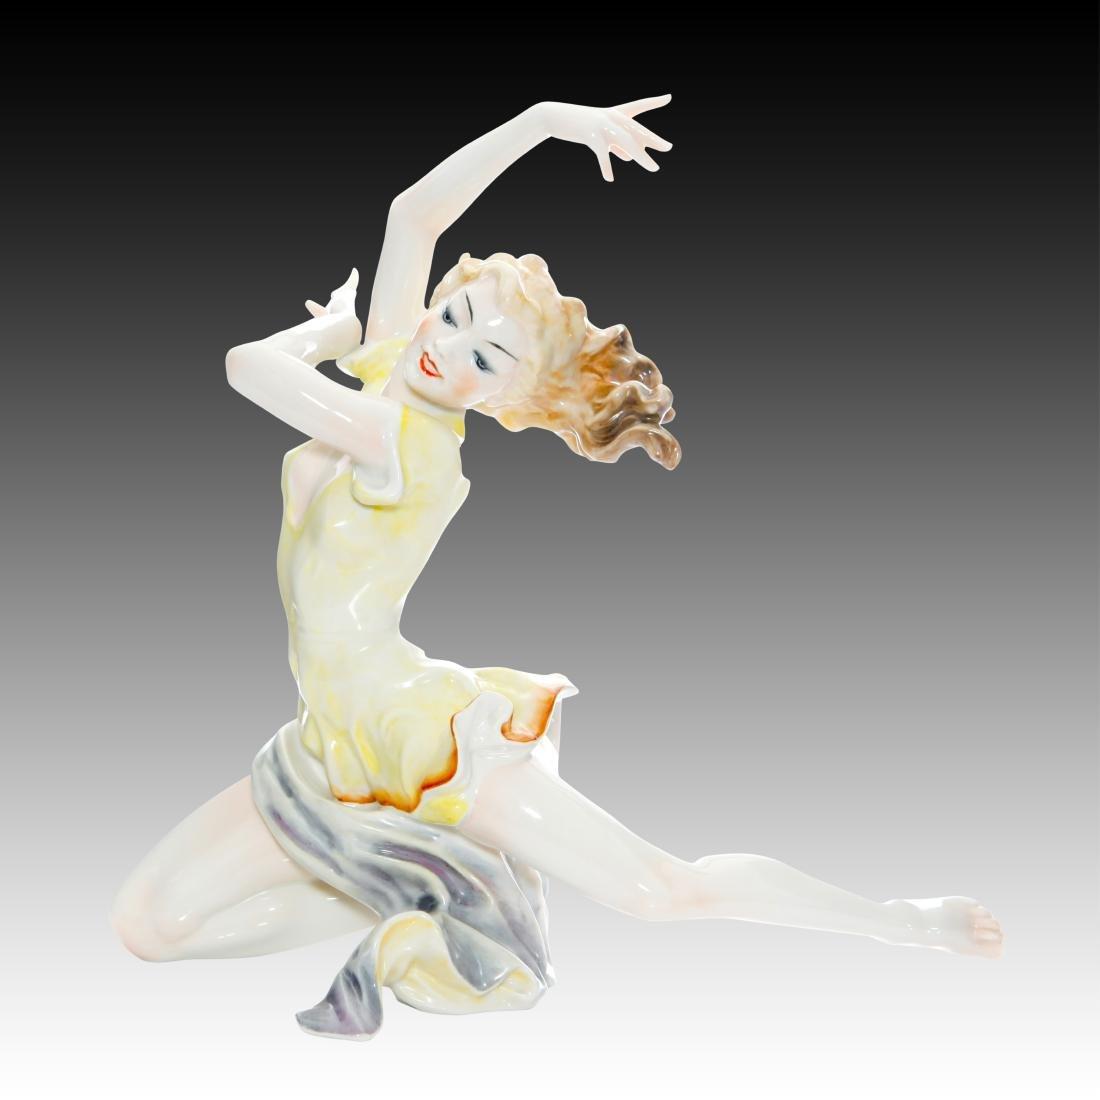 Hutschenreuther Art Deco Dancer in Yellow dress.